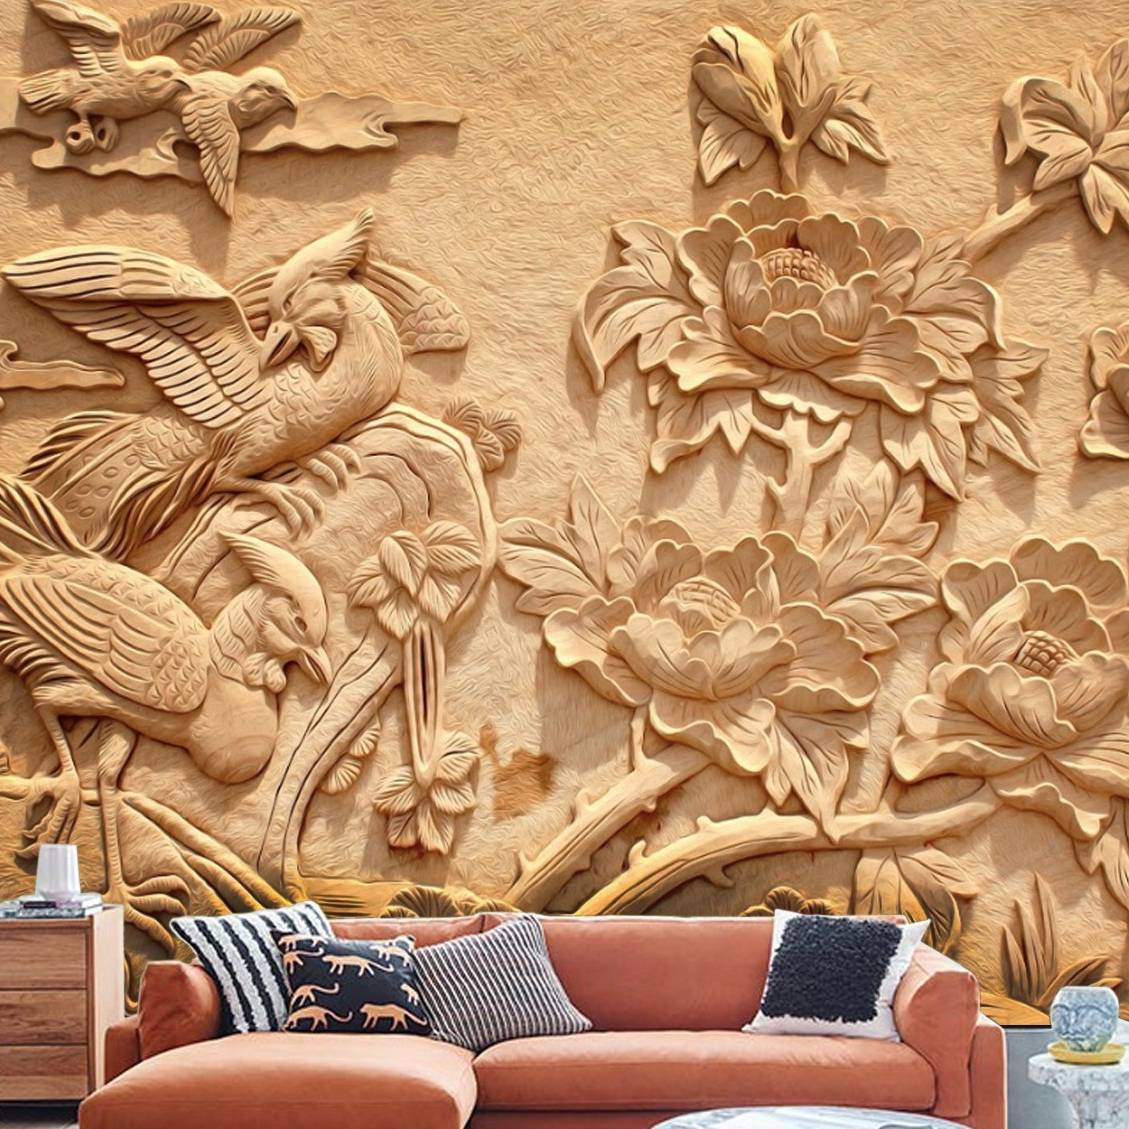 Wallpaper Custom Wallpaper 3d Wallpaper Dinding Burung Bunga